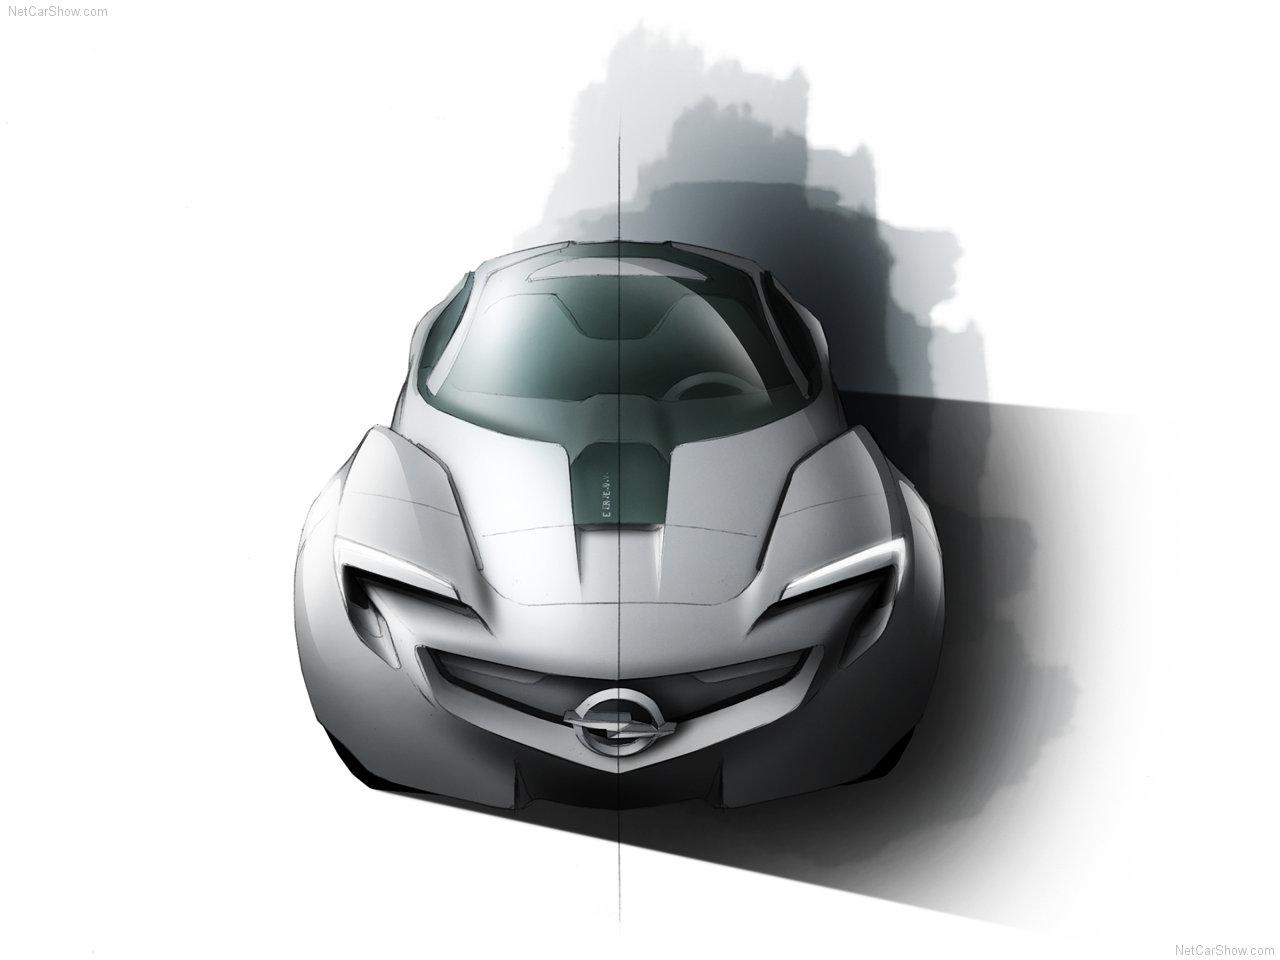 http://4.bp.blogspot.com/_lsyt_wQ2awY/TDtA_ZjtMdI/AAAAAAAB-CA/Gc4ZwS9RGOs/s1600/Opel-Flextreme_GT-E_Concept_2010_1280x960_wallpaper_09.jpg